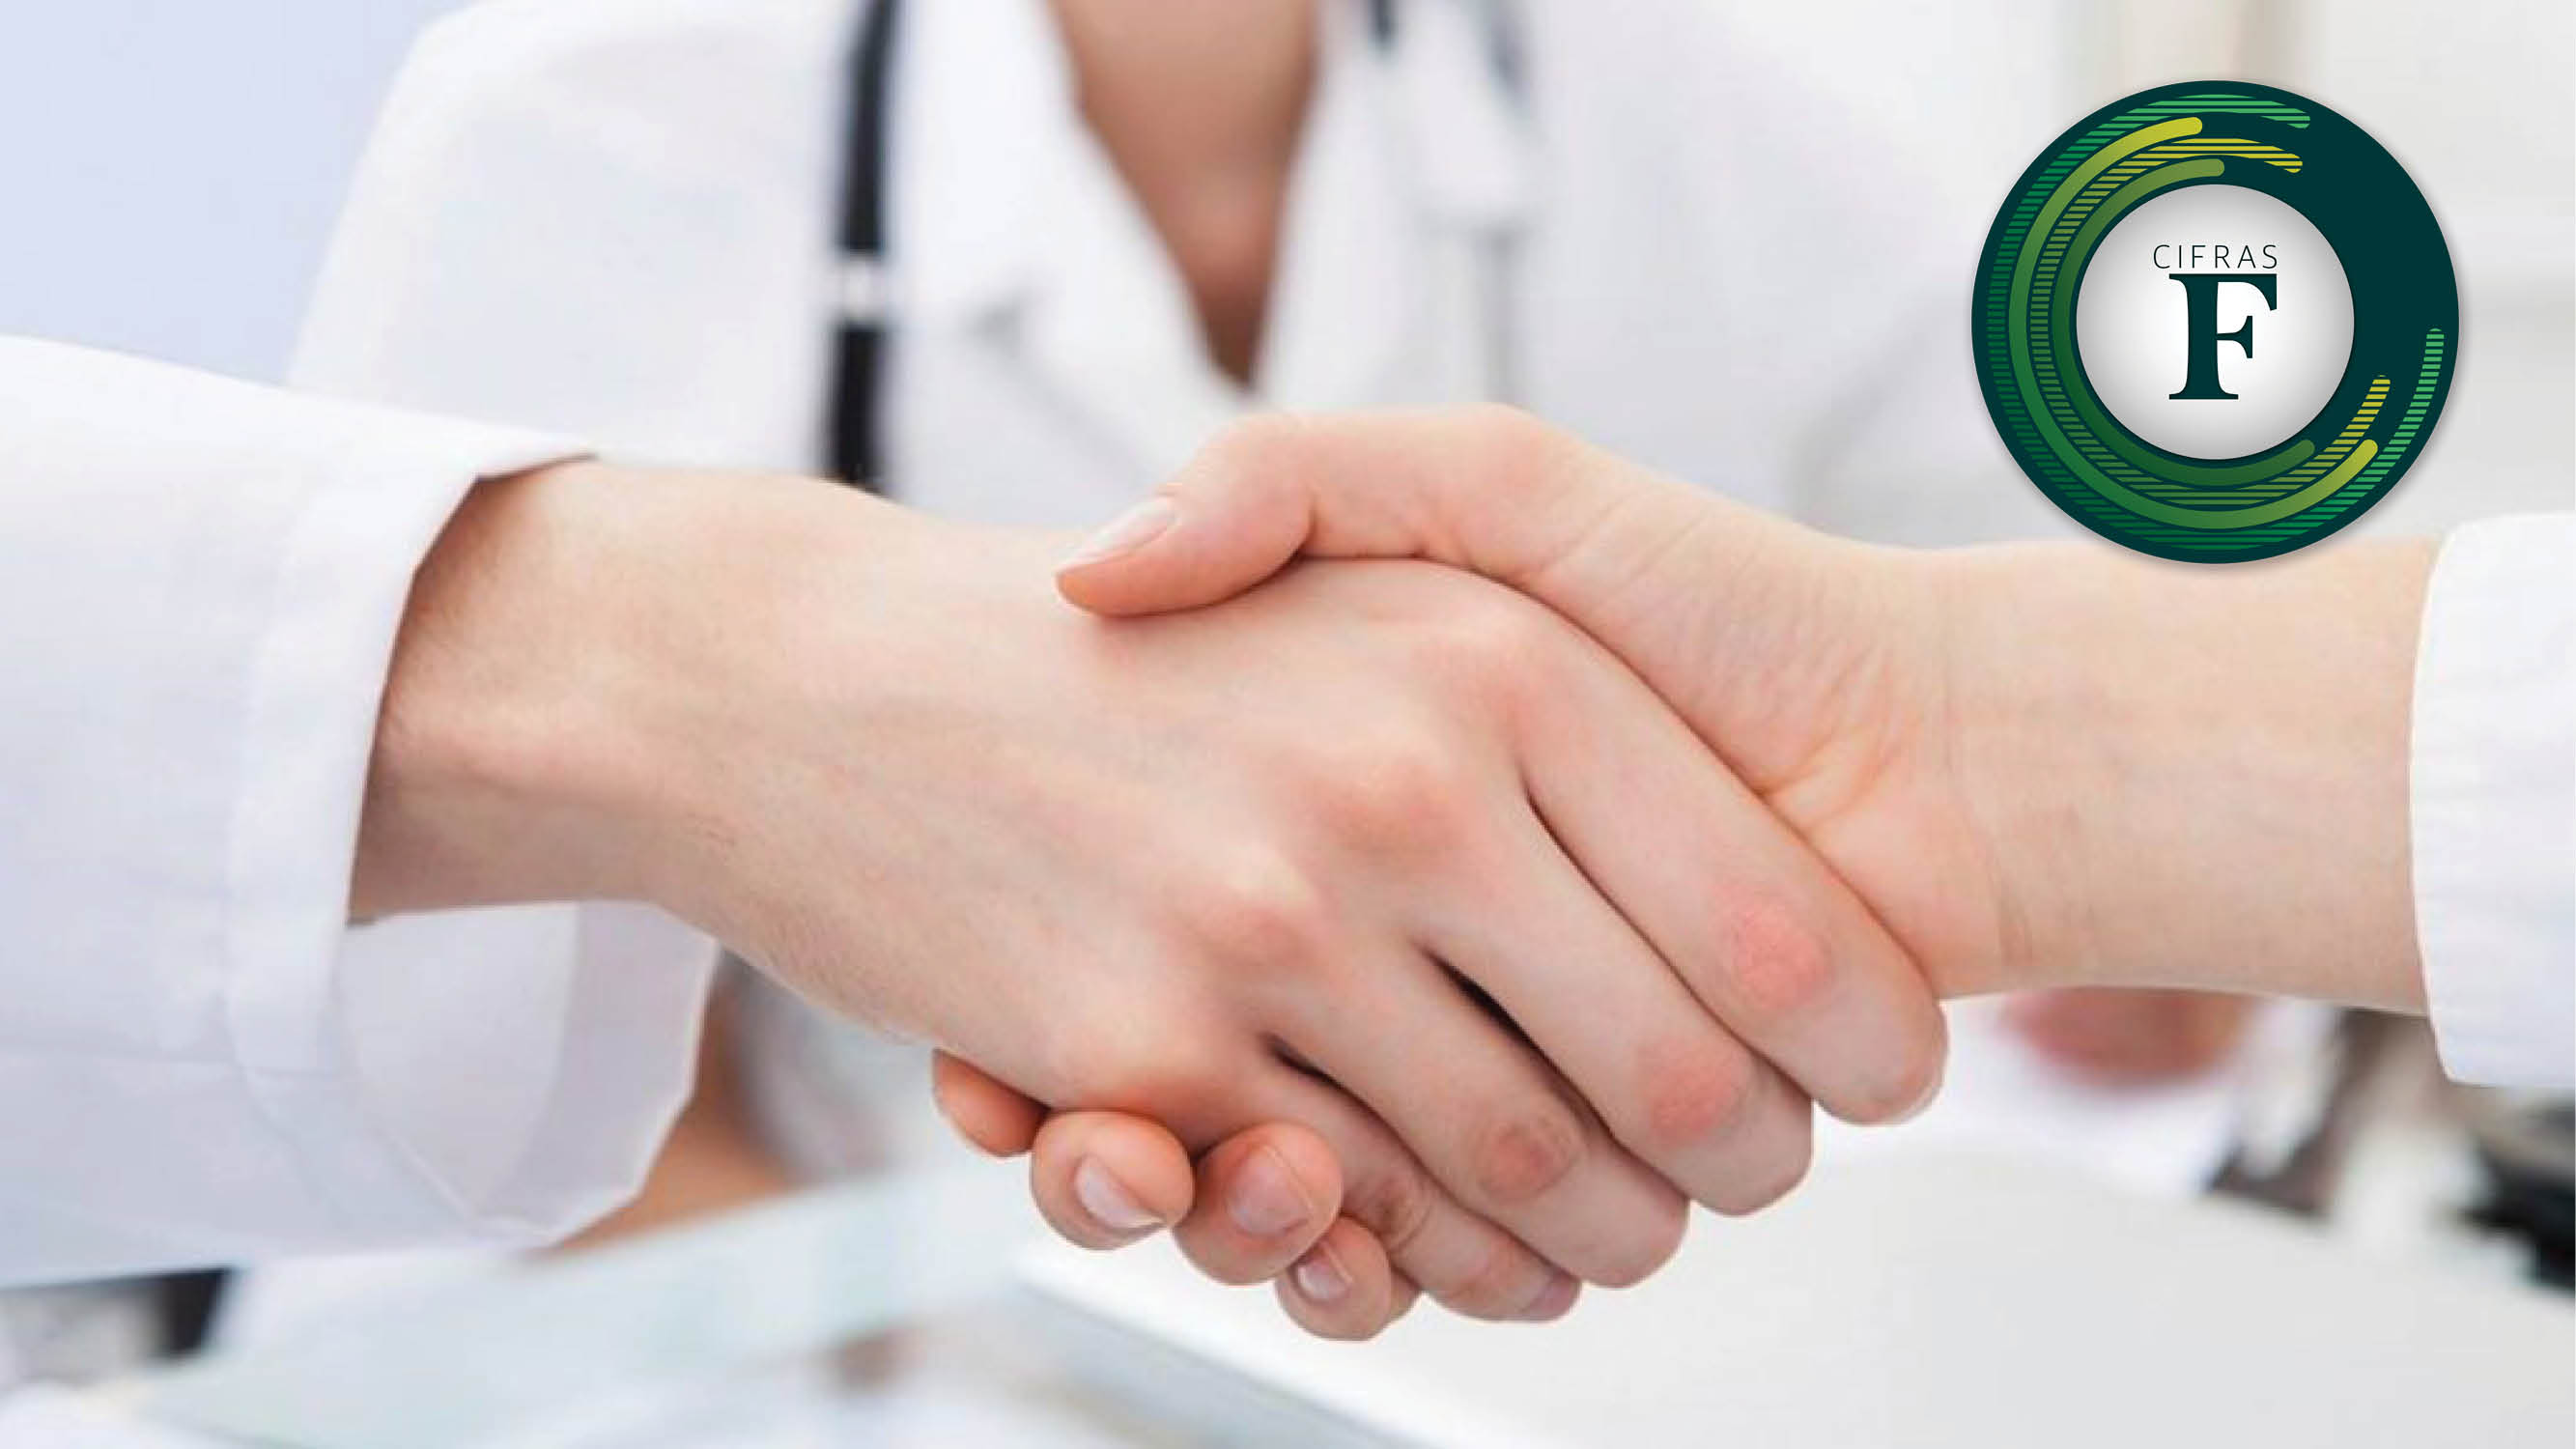 Los mexicanos aprueban el servicio de salud pública: encuesta